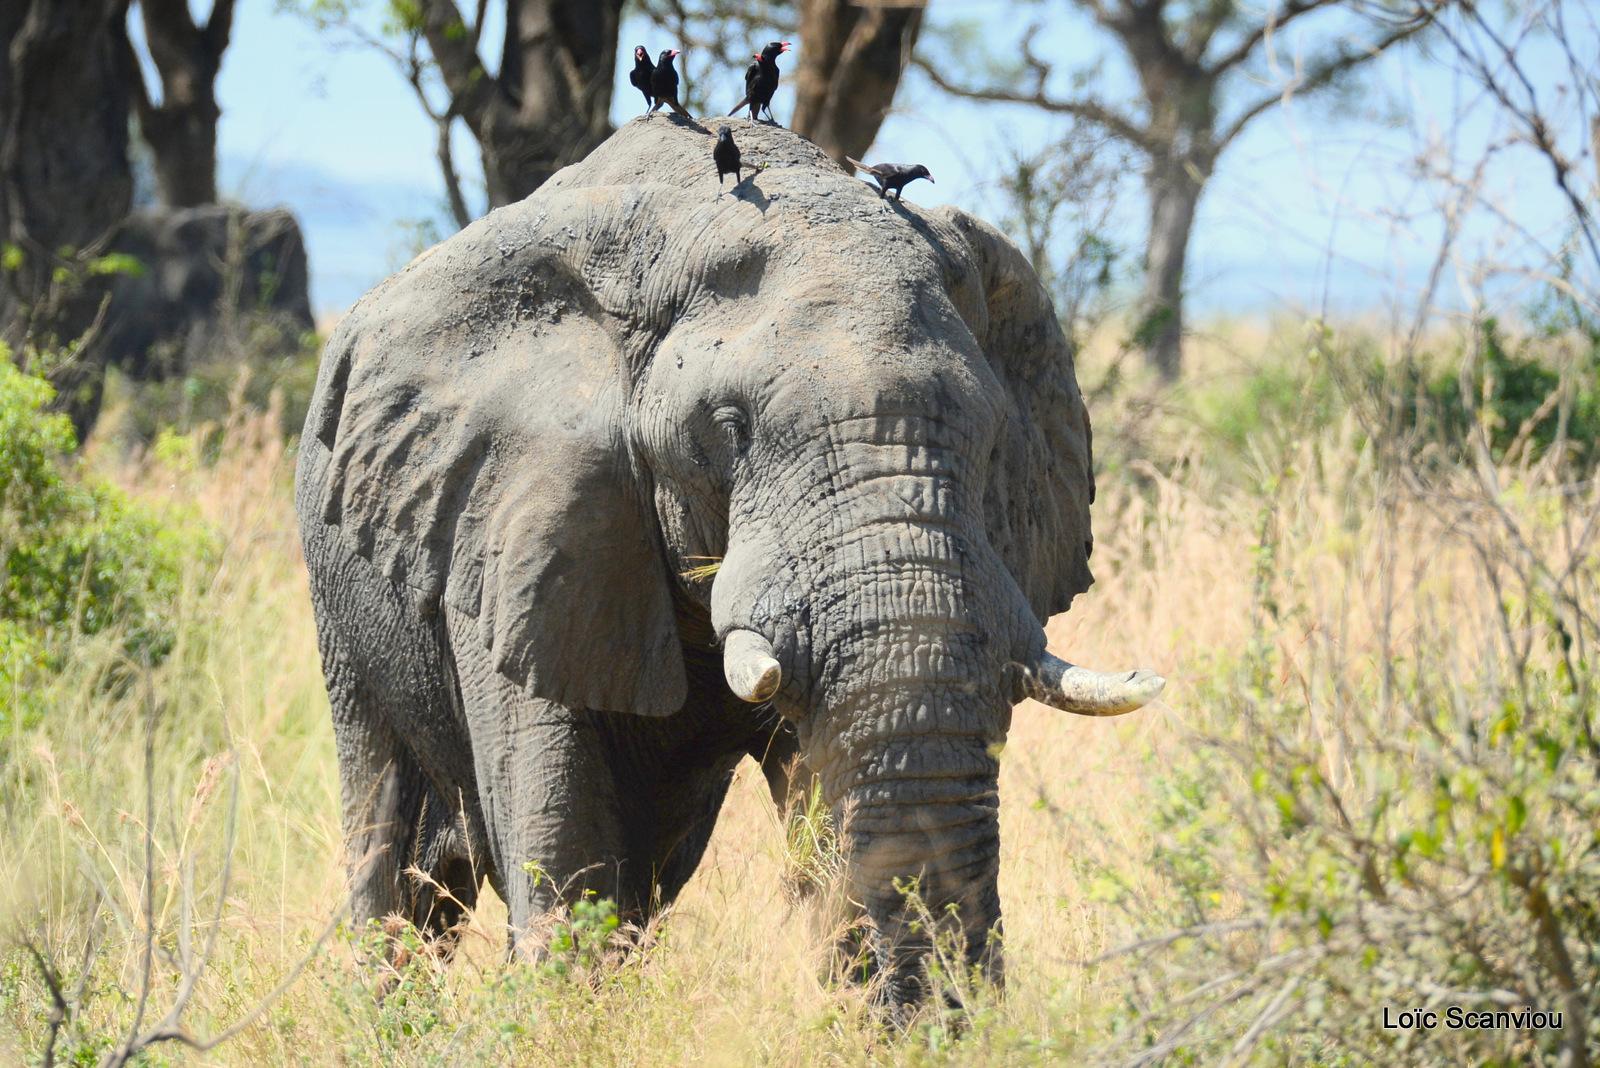 Éléphant de savane d'Afrique/Savanna Elephant (39)